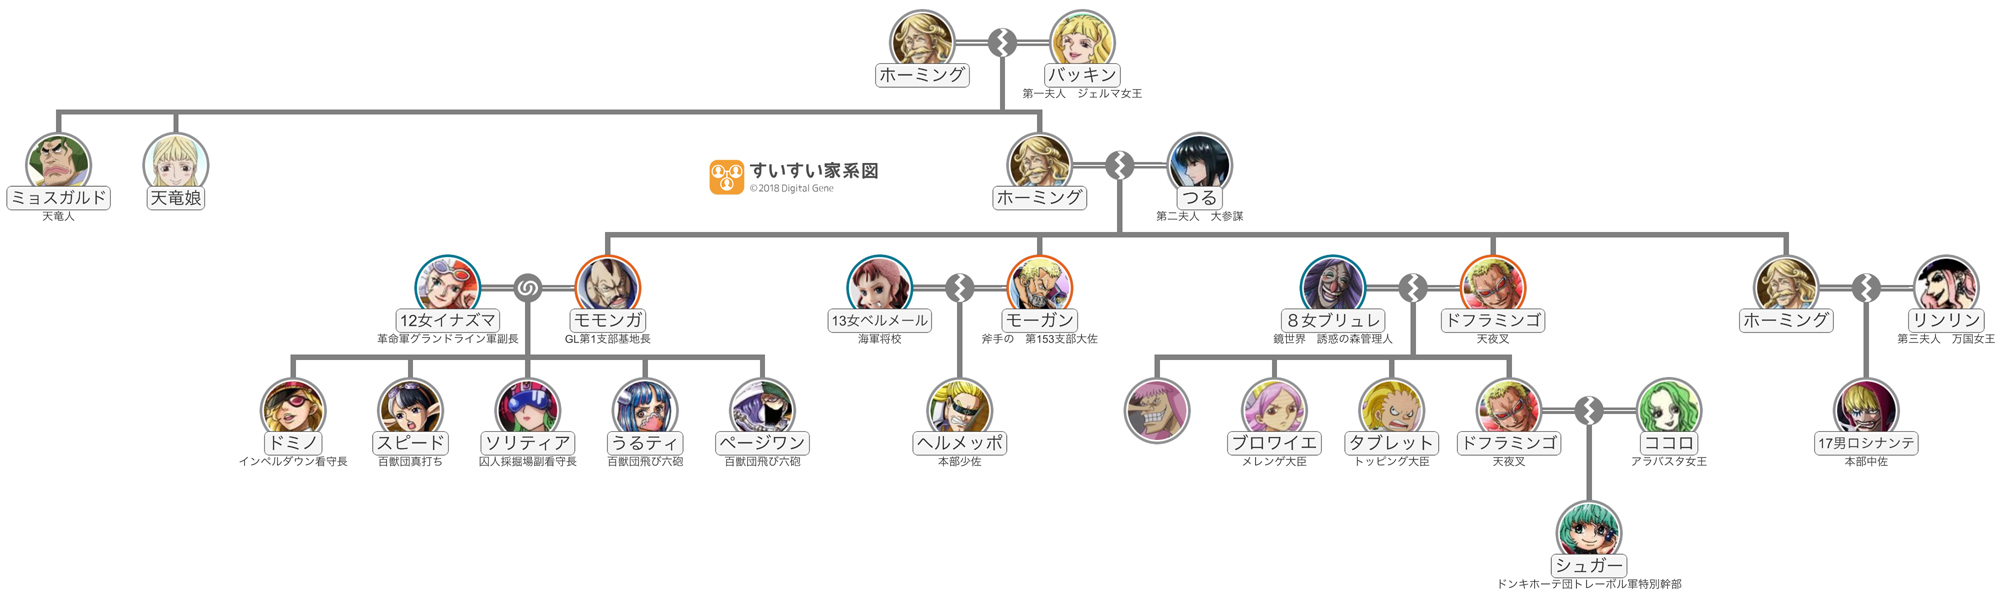 horming_family1m.jpg